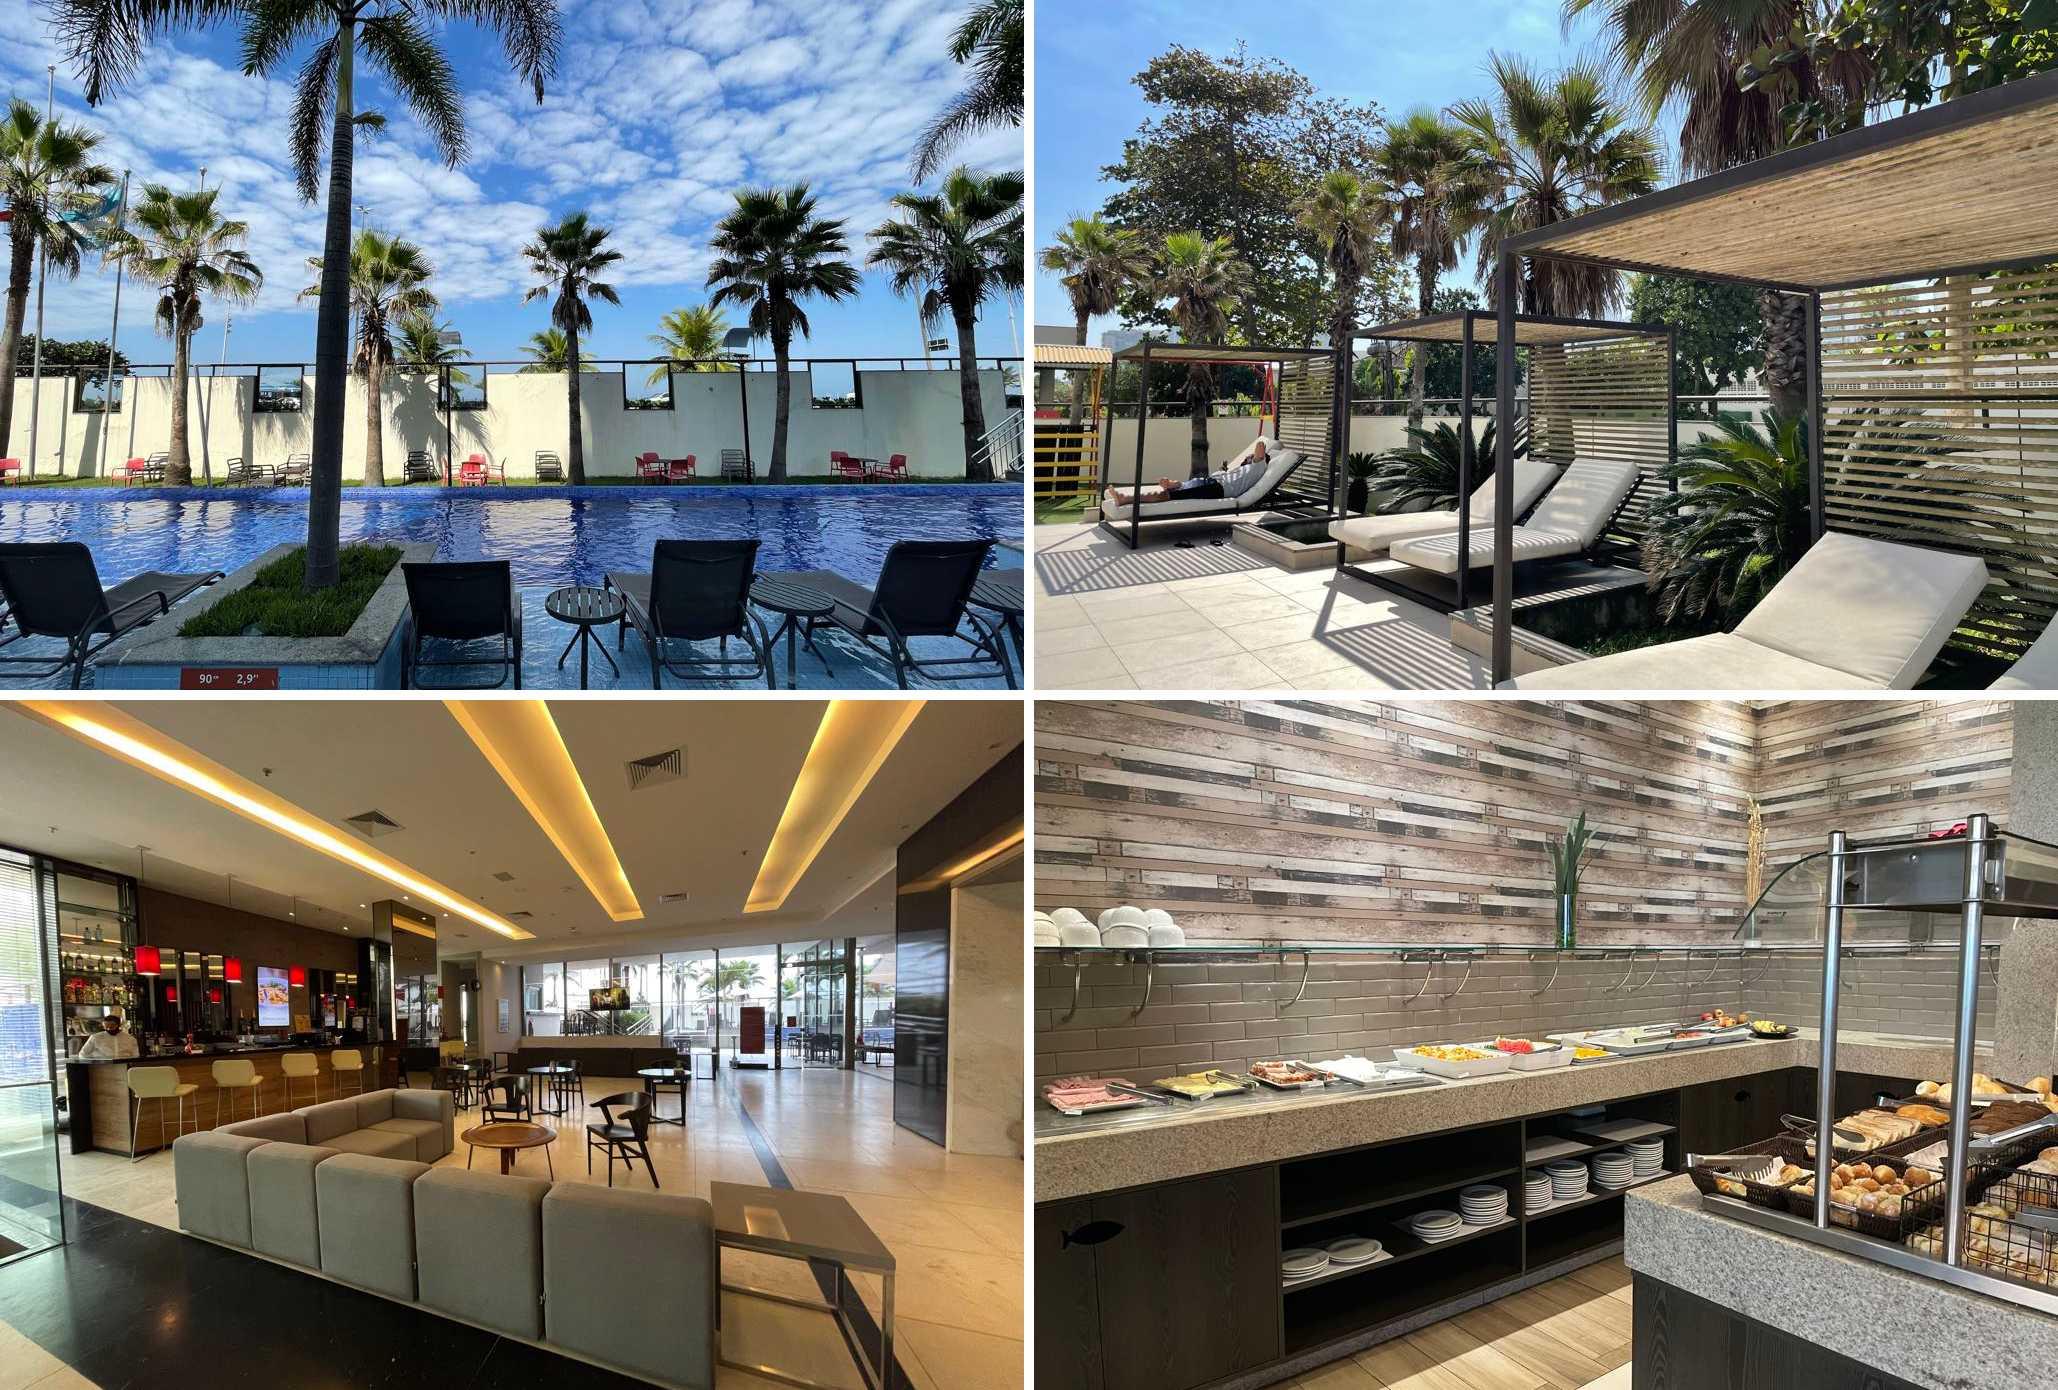 Hotel na Barra Laghetto Stilo estrutura